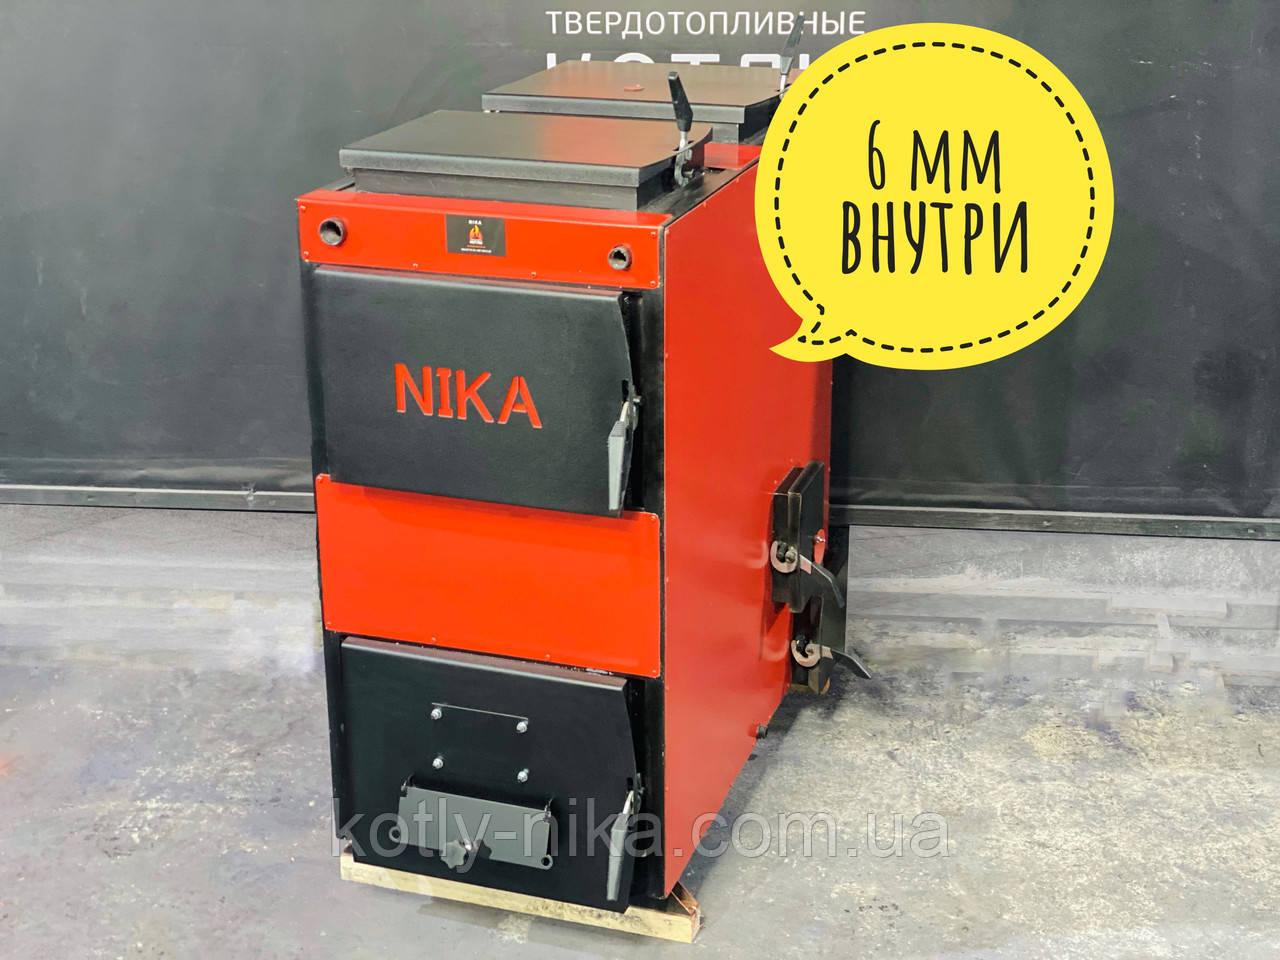 Котел Питон Универсальный 20 кВт МЕТАЛЛ 6 мм